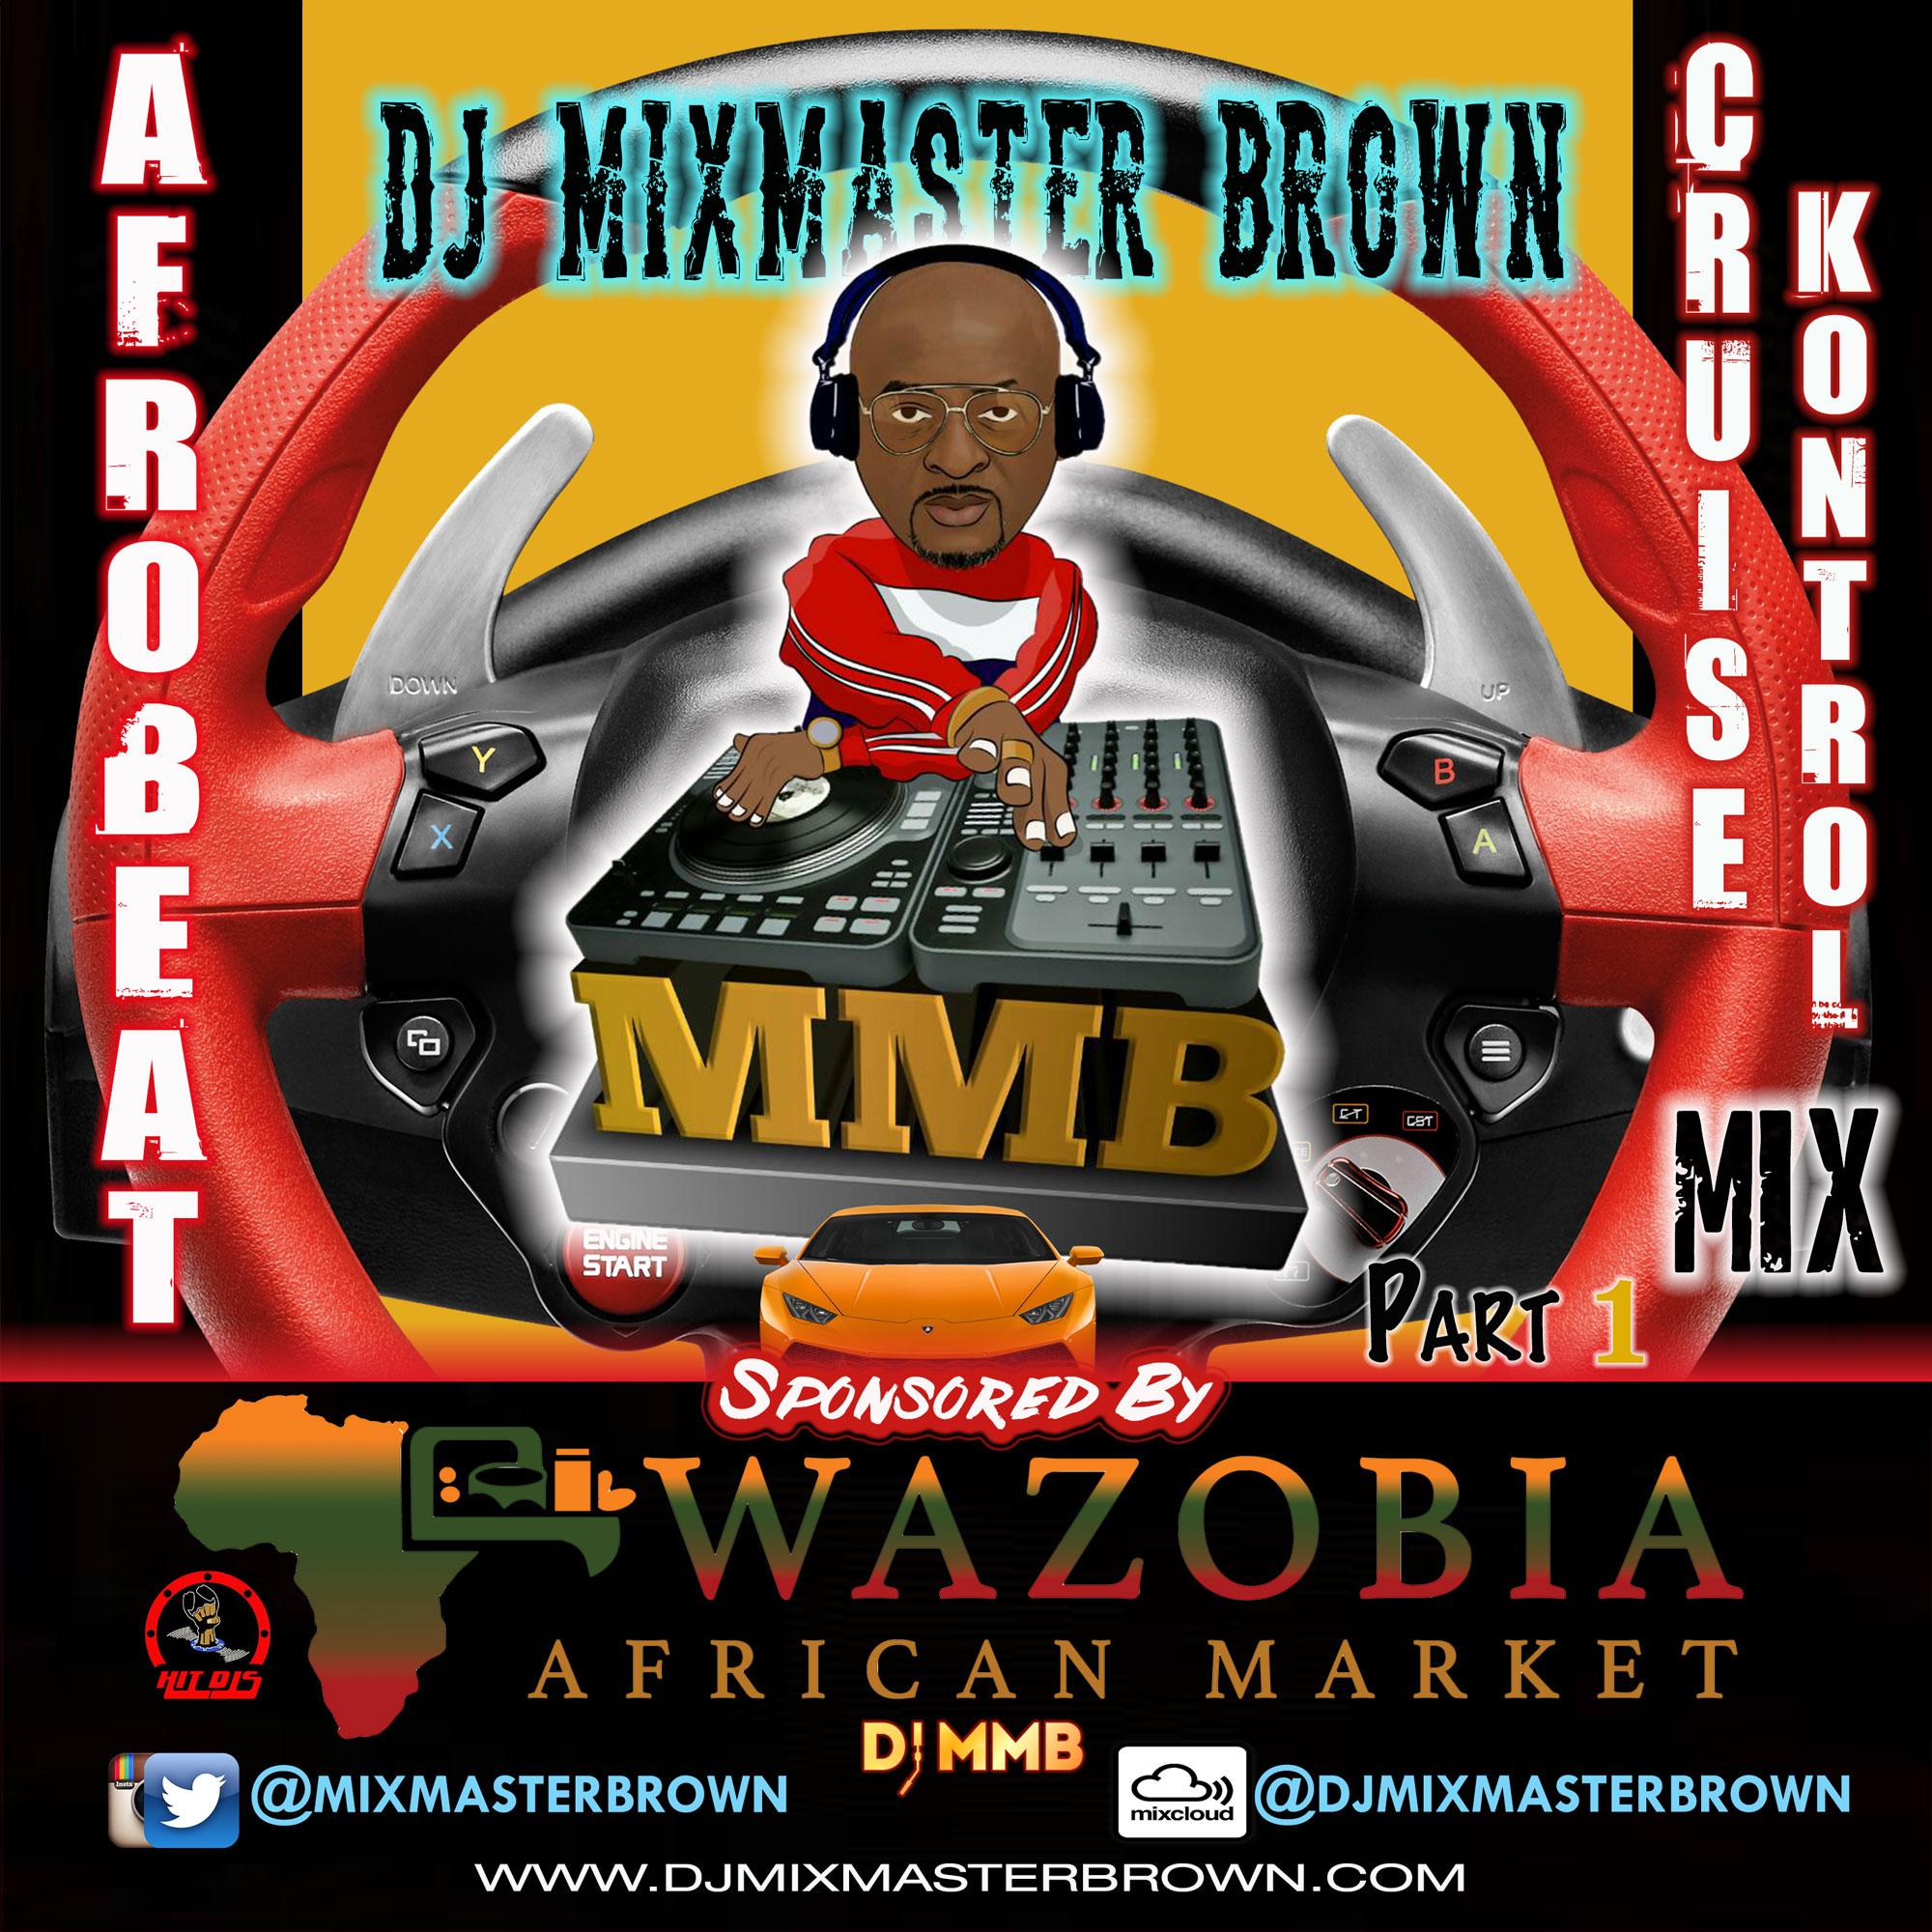 Afrobeat Cruise Kontrol Mix Part 1 » Djmixmasterbrown com